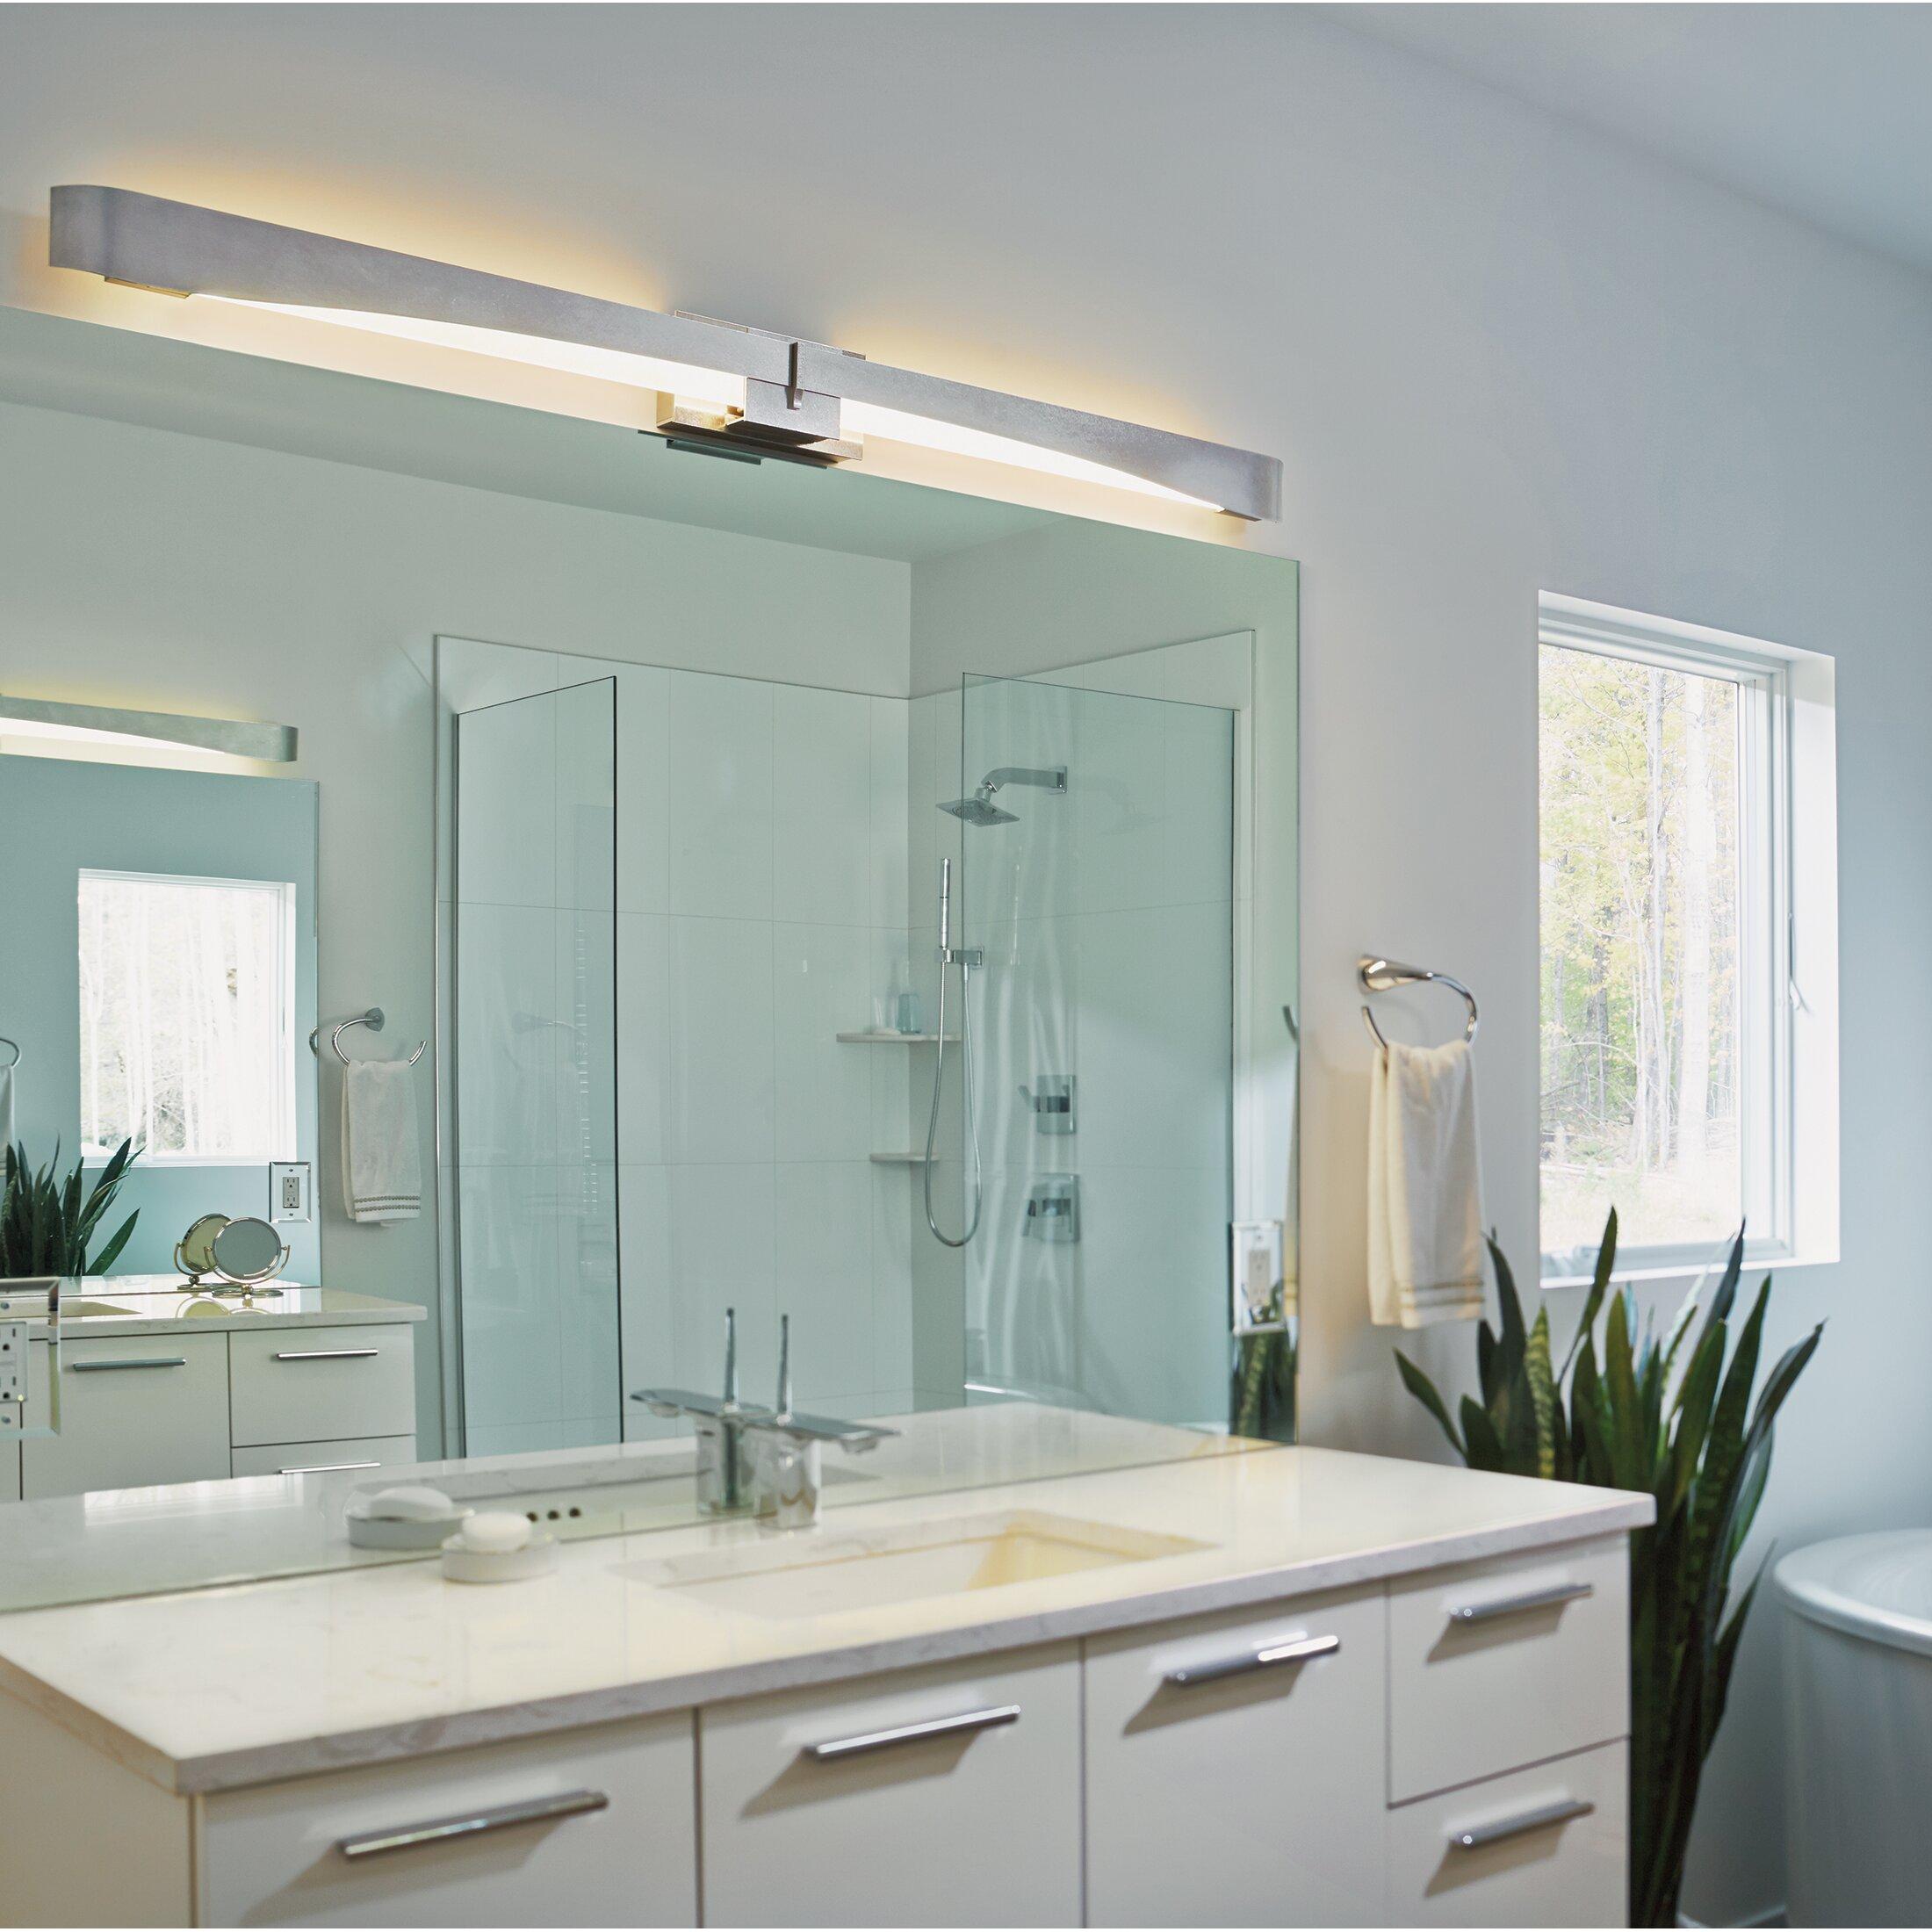 Hubbardton forge glide bath bar wall sconce wayfair for Hubbardton forge bathroom lighting